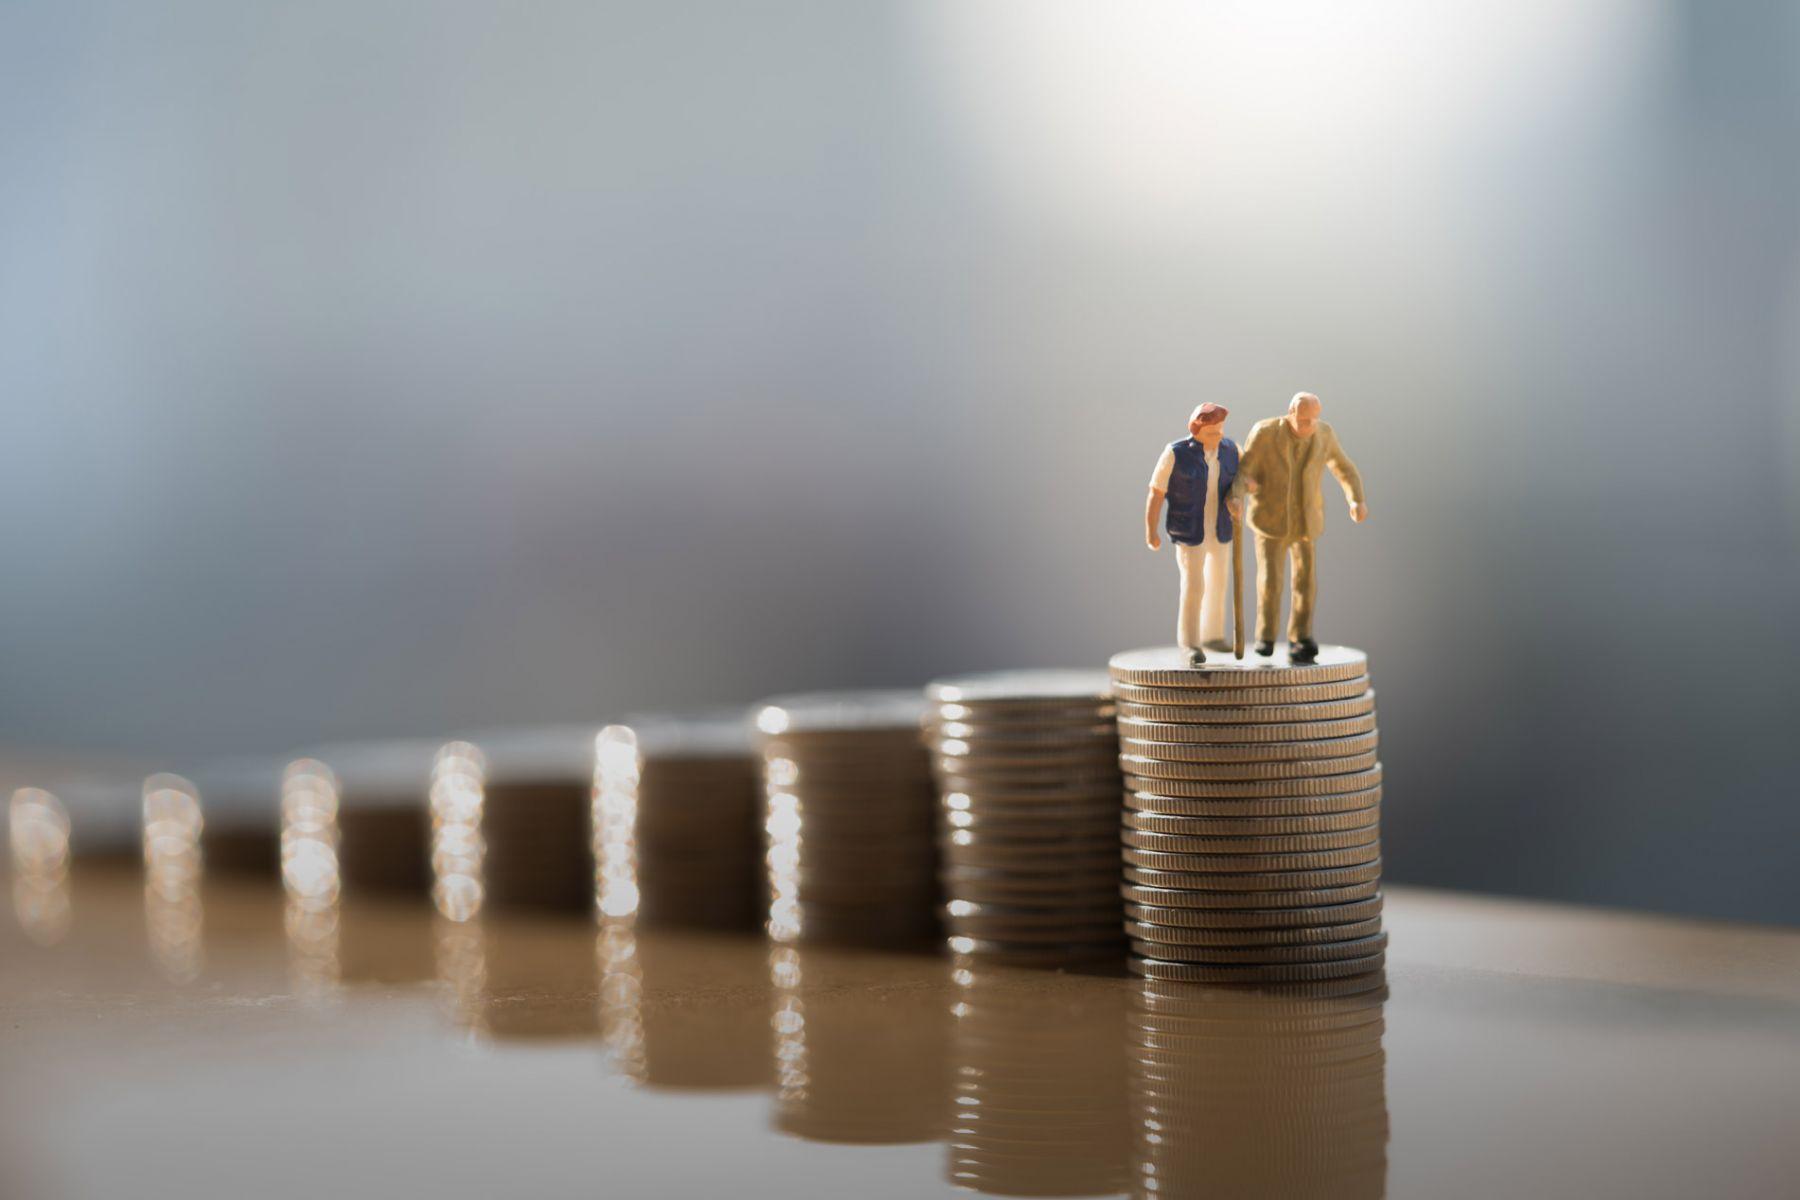 避開退休後的收入空窗期吧!